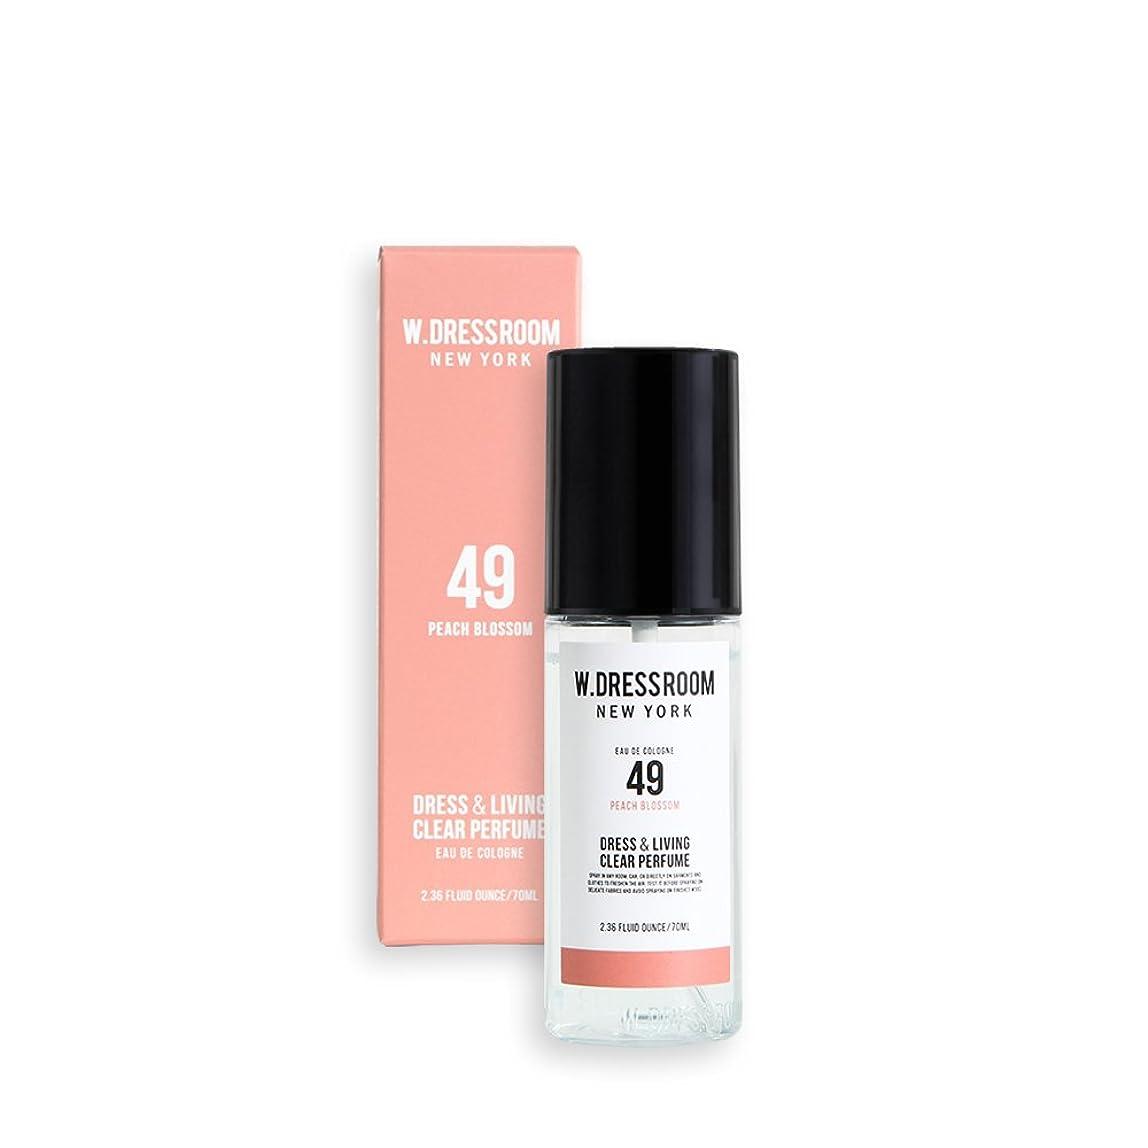 アレキサンダーグラハムベル影響する入力W.DRESSROOM Dress & Living Clear Perfume 70ml/ダブルドレスルーム ドレス&リビング クリア パフューム 70ml (#No.49 Peach Blossom) [並行輸入品]